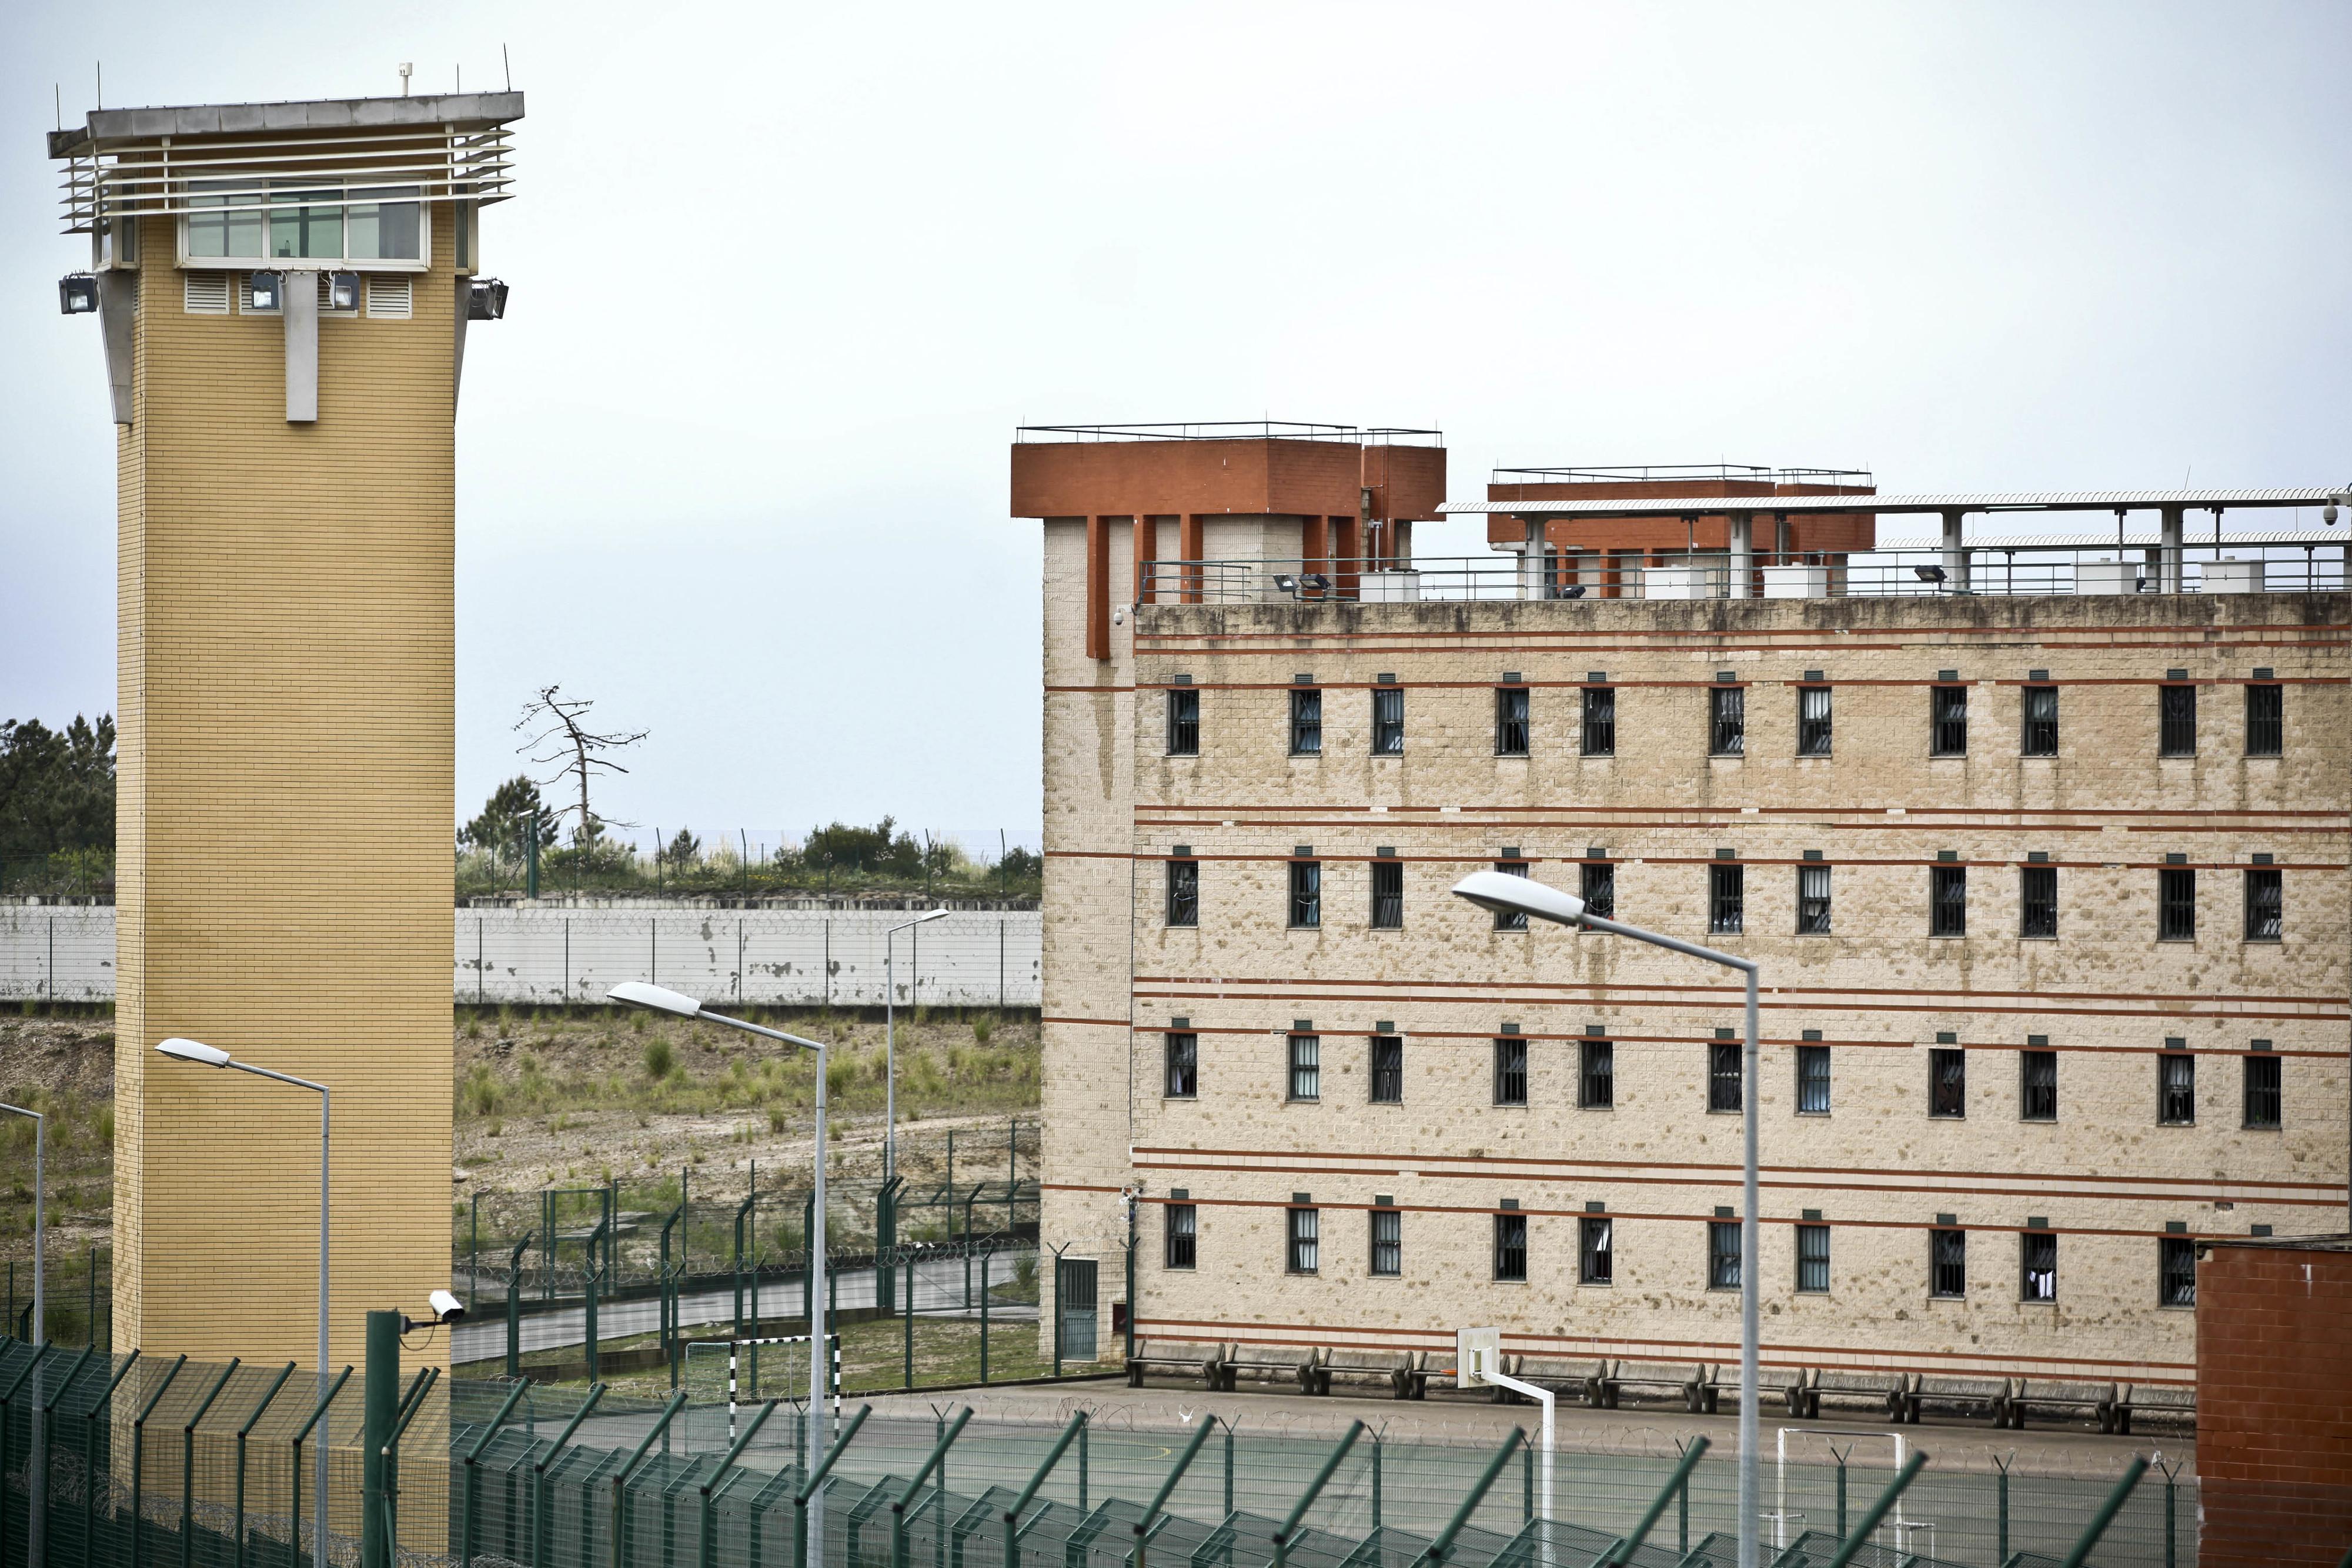 Proposta de lei para as prisões chegou ao Parlamento